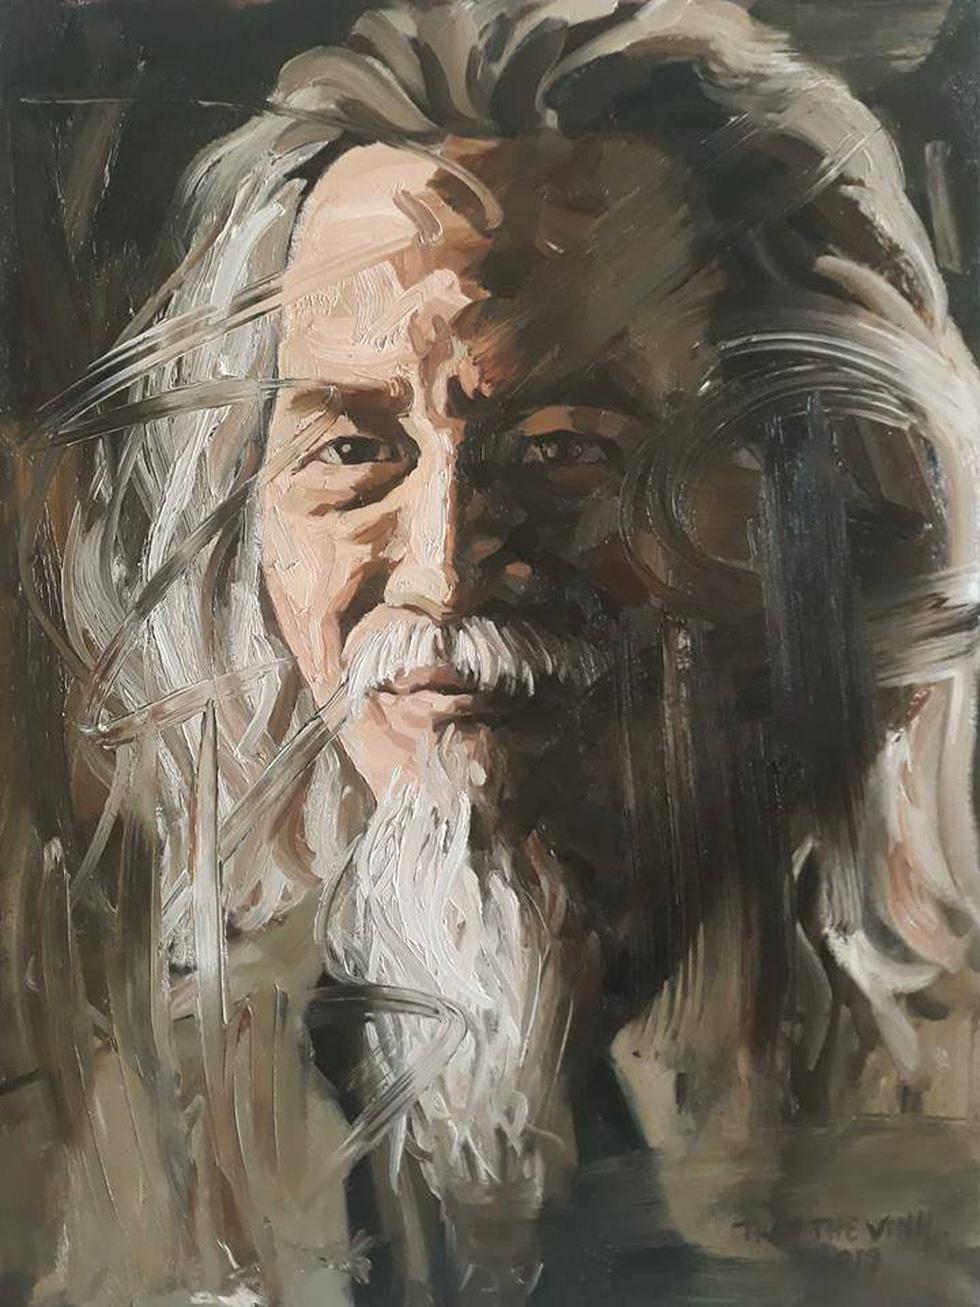 Ngắm chân dung các văn nghệ sĩ, trí thức tài hoa và truân chuyên - Ảnh 33.